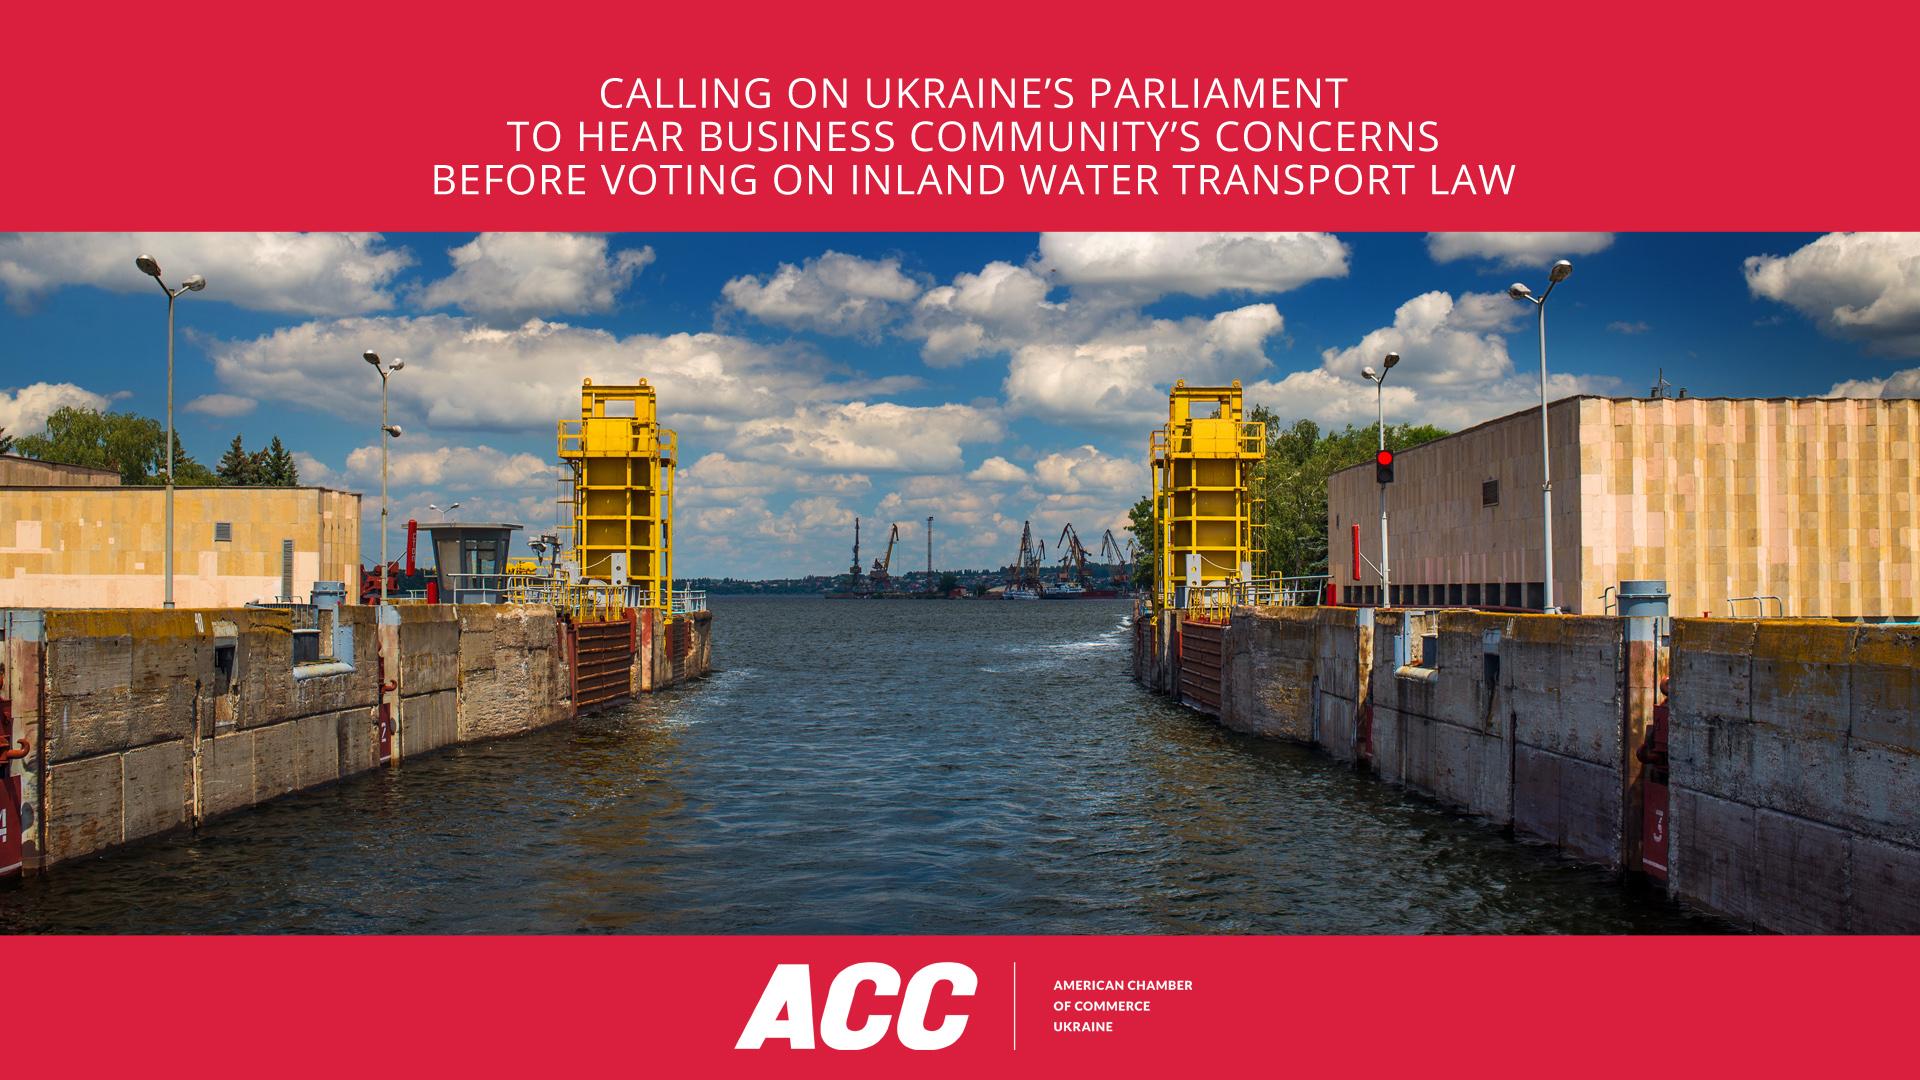 Заява: Американська торговельна палата в Україні закликає доопрацювати законопроект про внутрішній водний транспорт перед другим читанням